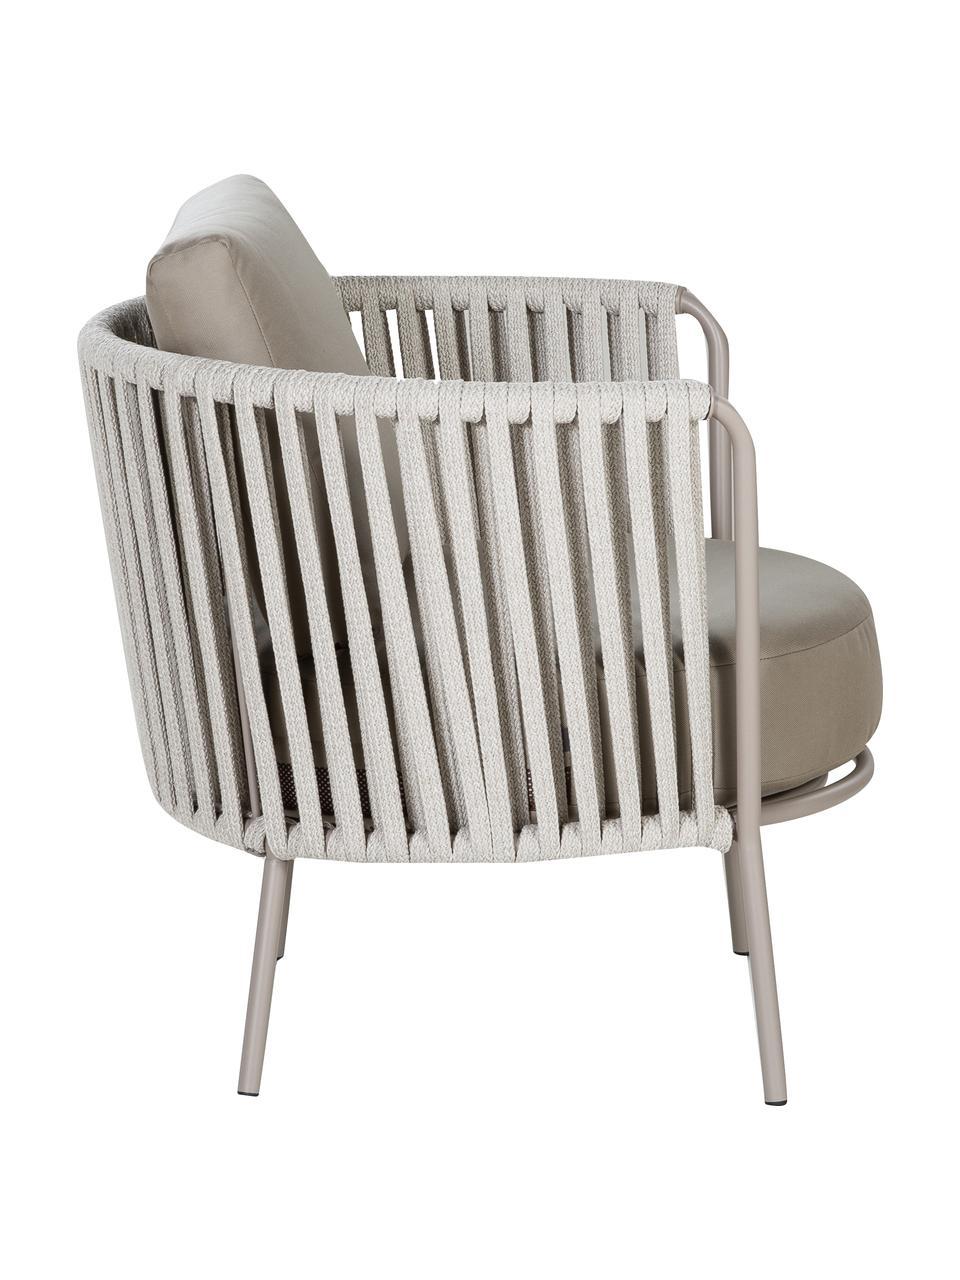 Fotel ogrodowy z tapicerowanym siedziskiem Sunderland, Nogi: stal cynkowana galwaniczn, Tapicerka: poliakryl, Taupe, jasny taupe, S 73 x G 74 cm